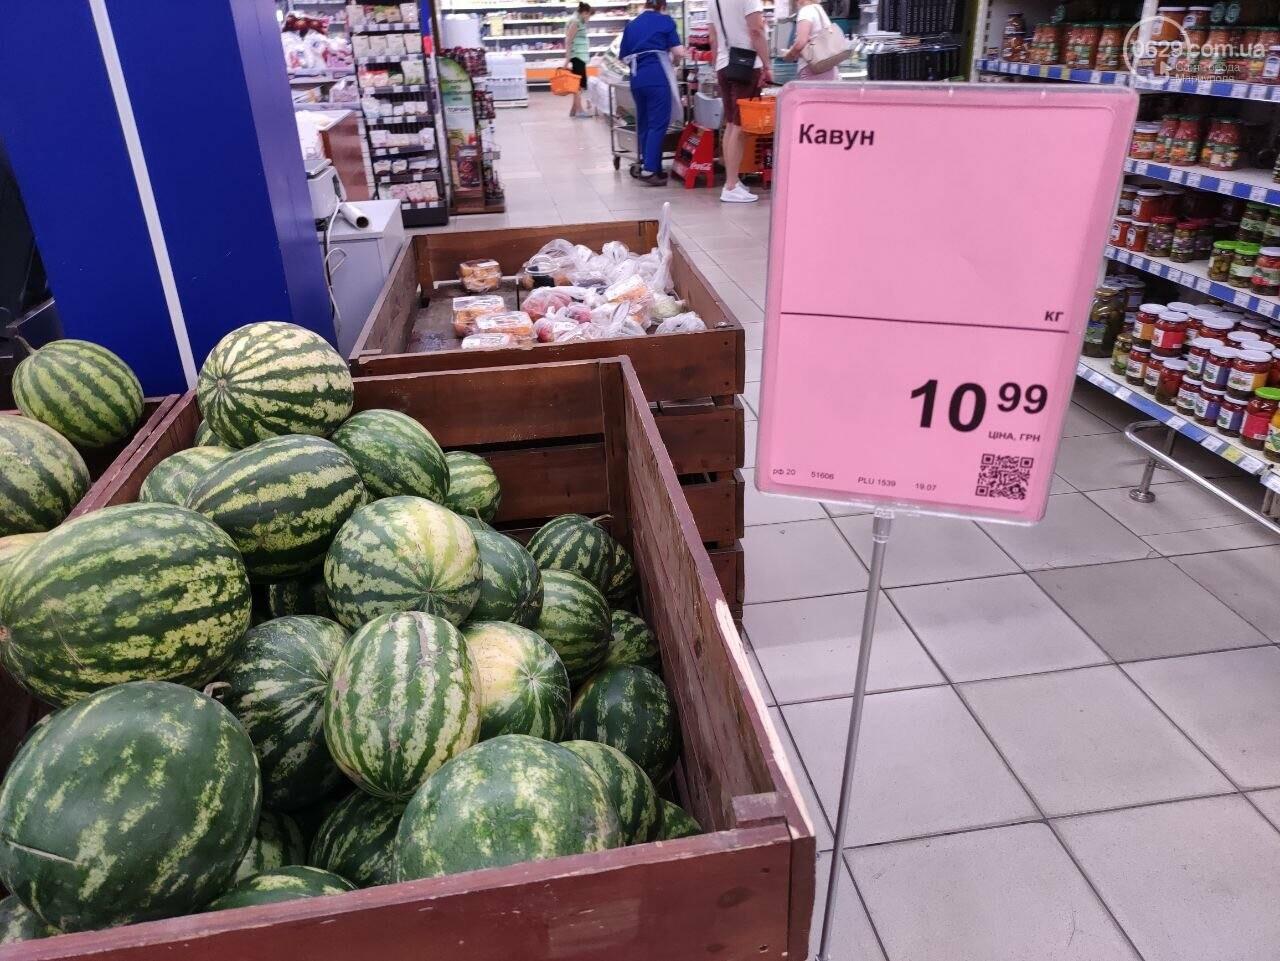 Проверка на нитраты в Мариуполе: опасные дыни в супермаркете и злые продавцы на рынке, - ФОТО, ВИДЕО, фото-10